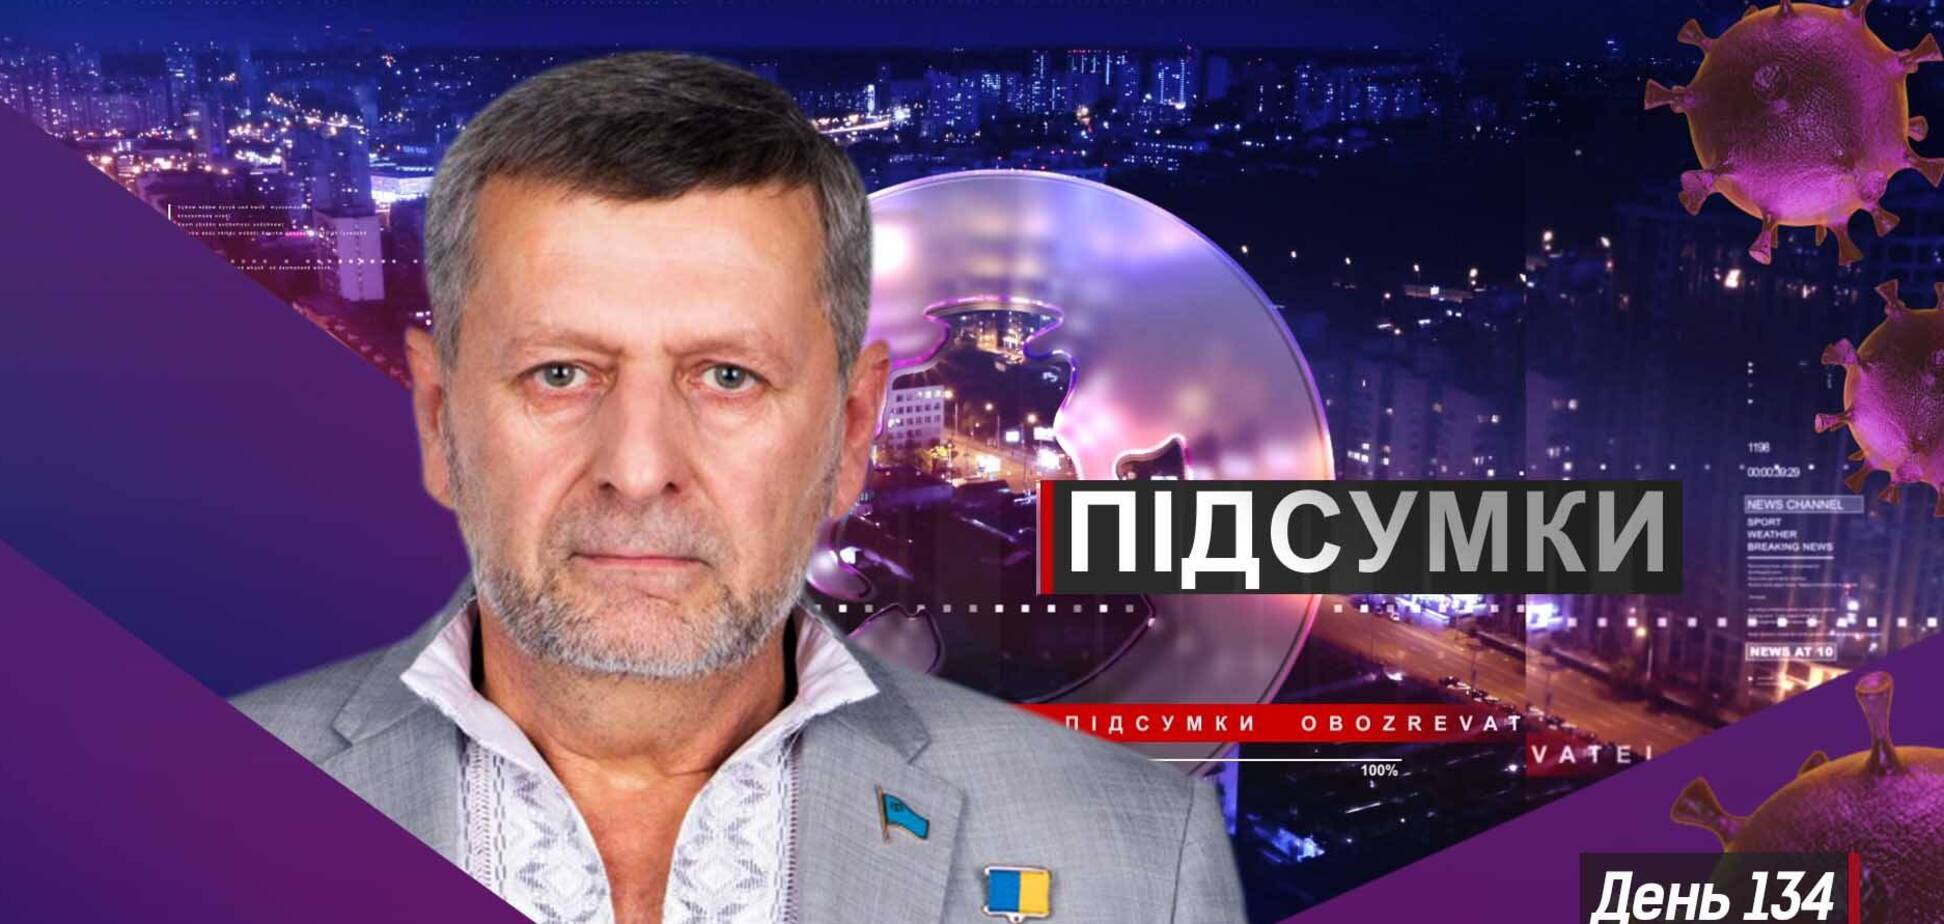 Терор в окупованому Криму! Підсумки дня. Вівторок, 28 липня